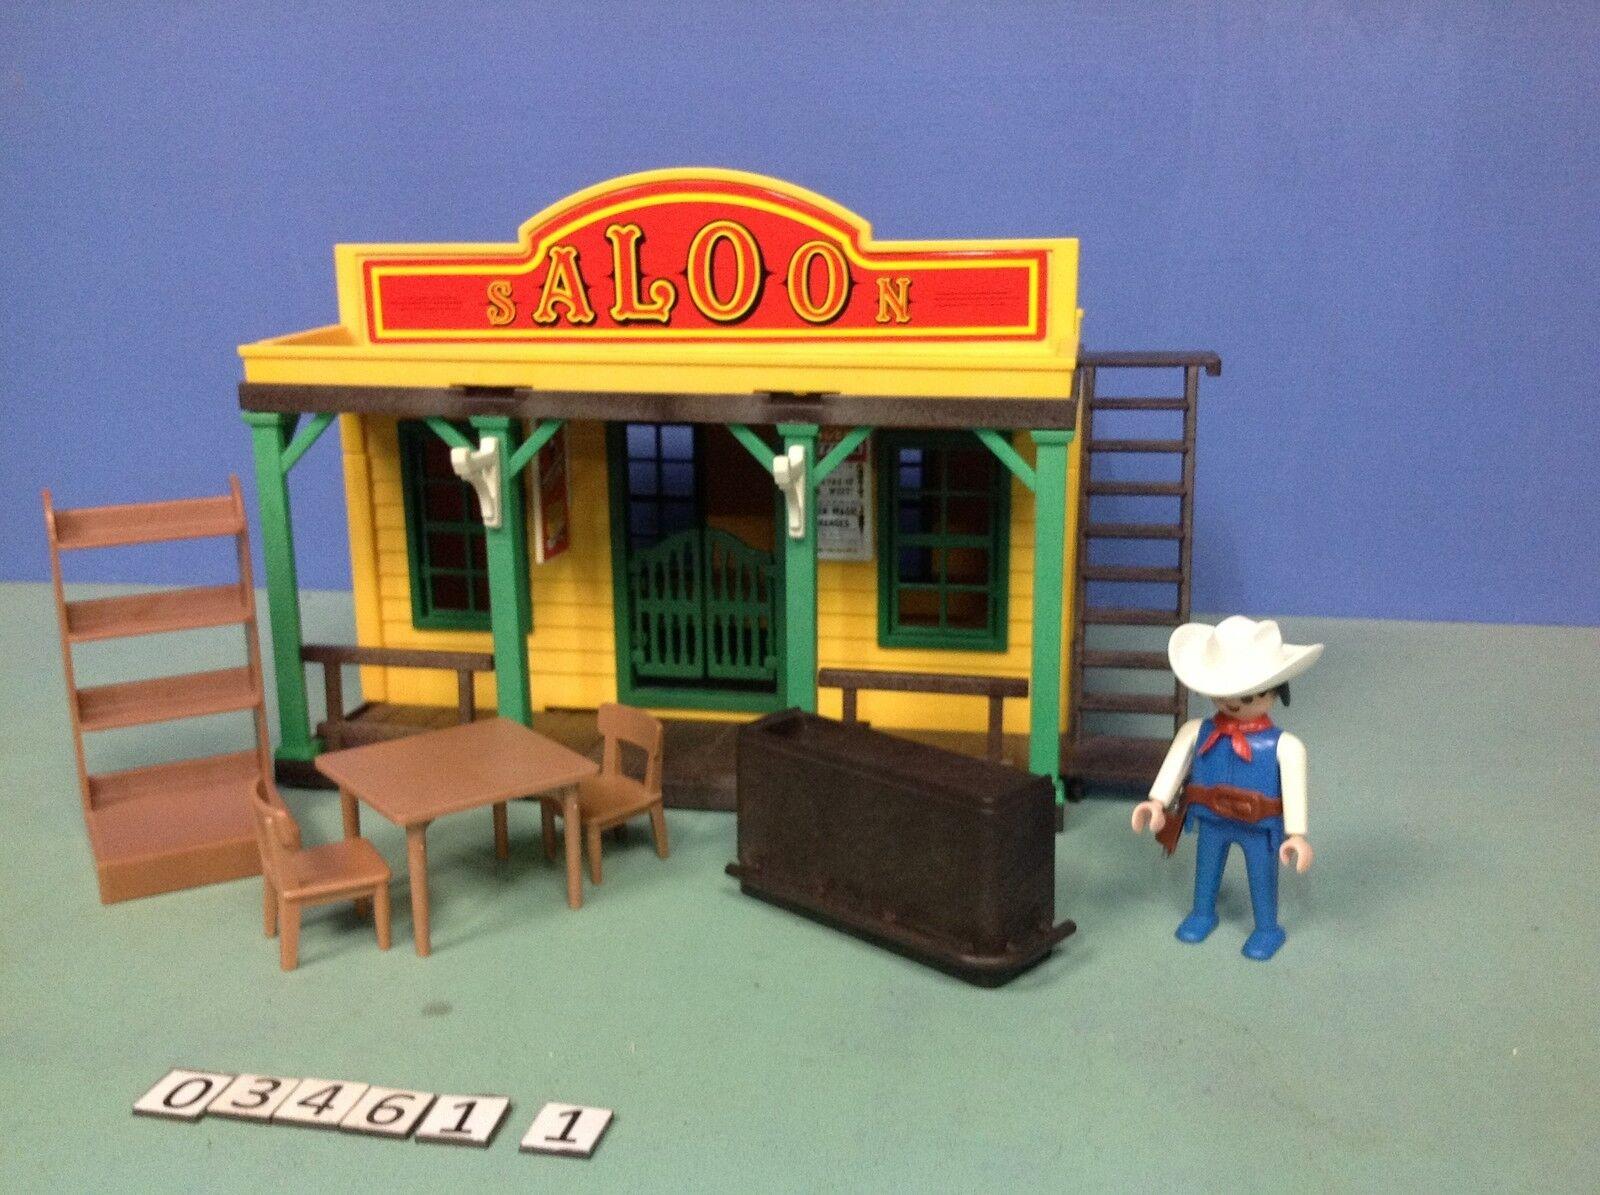 (O3461.1) playmobil Saloon western ref 3461